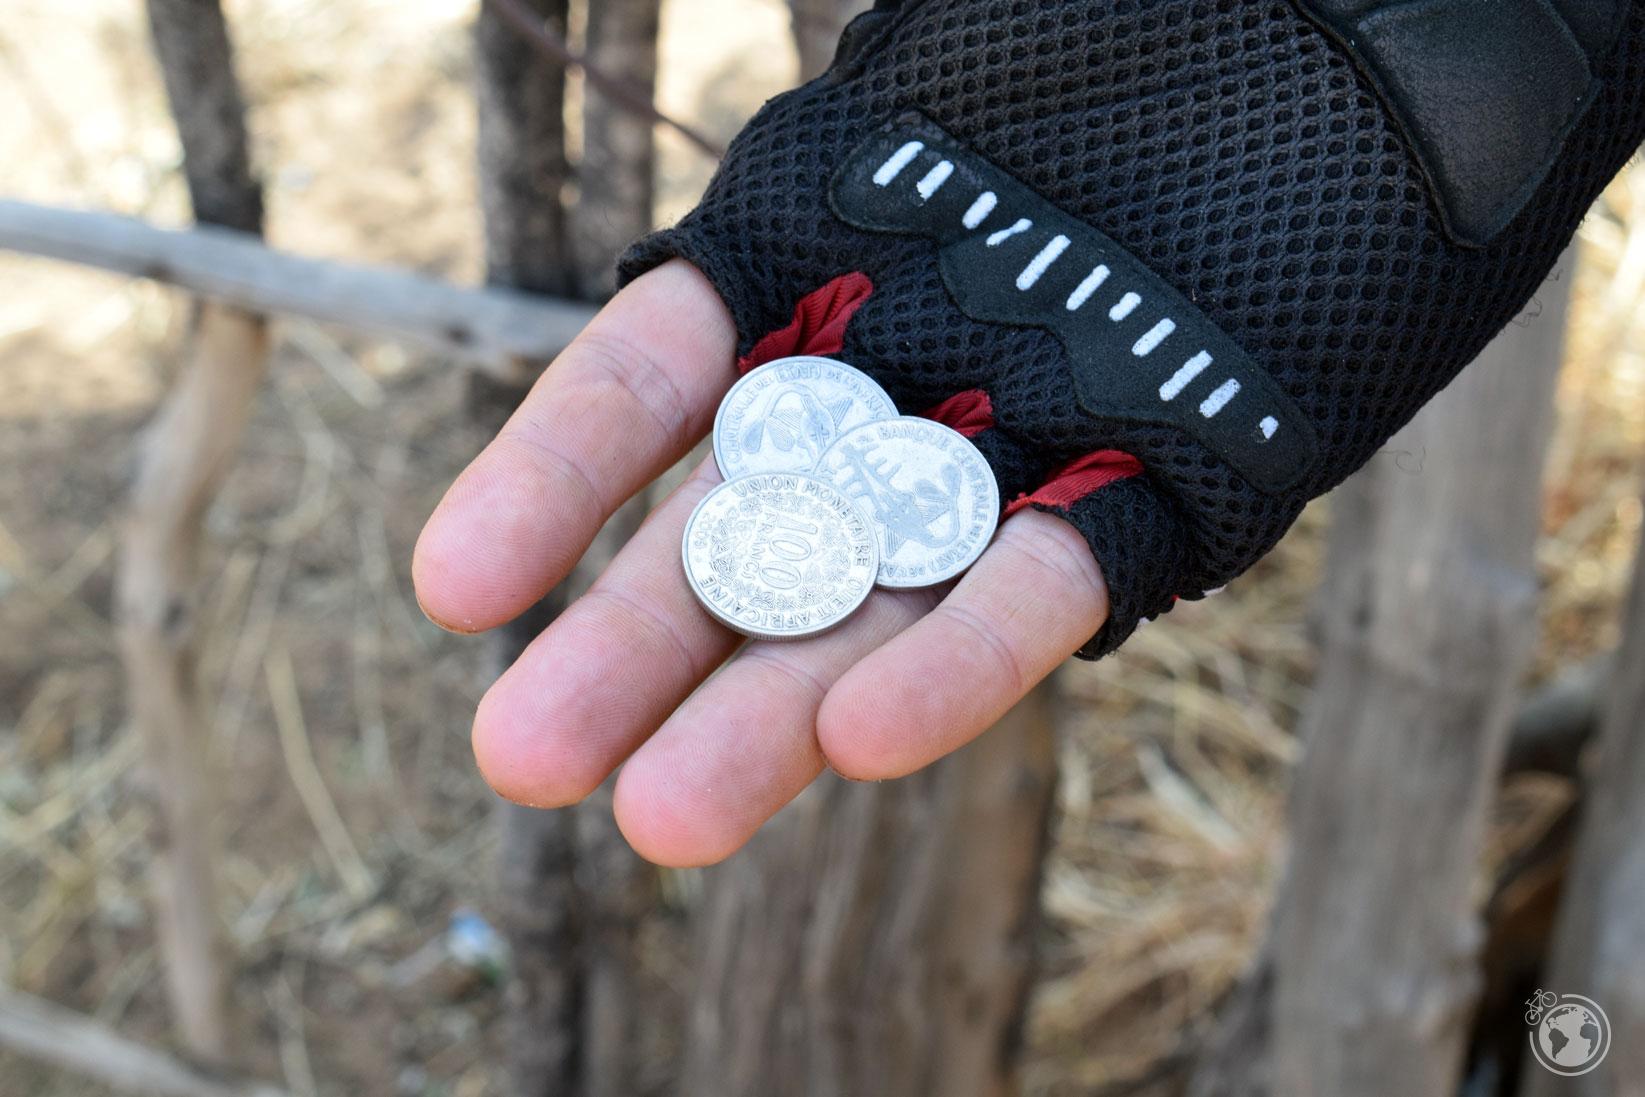 300 Francos Senegaleses que equivalen a 0,5€ y puedes comprar 1 lata de Coca-Cola o dos barras de pan